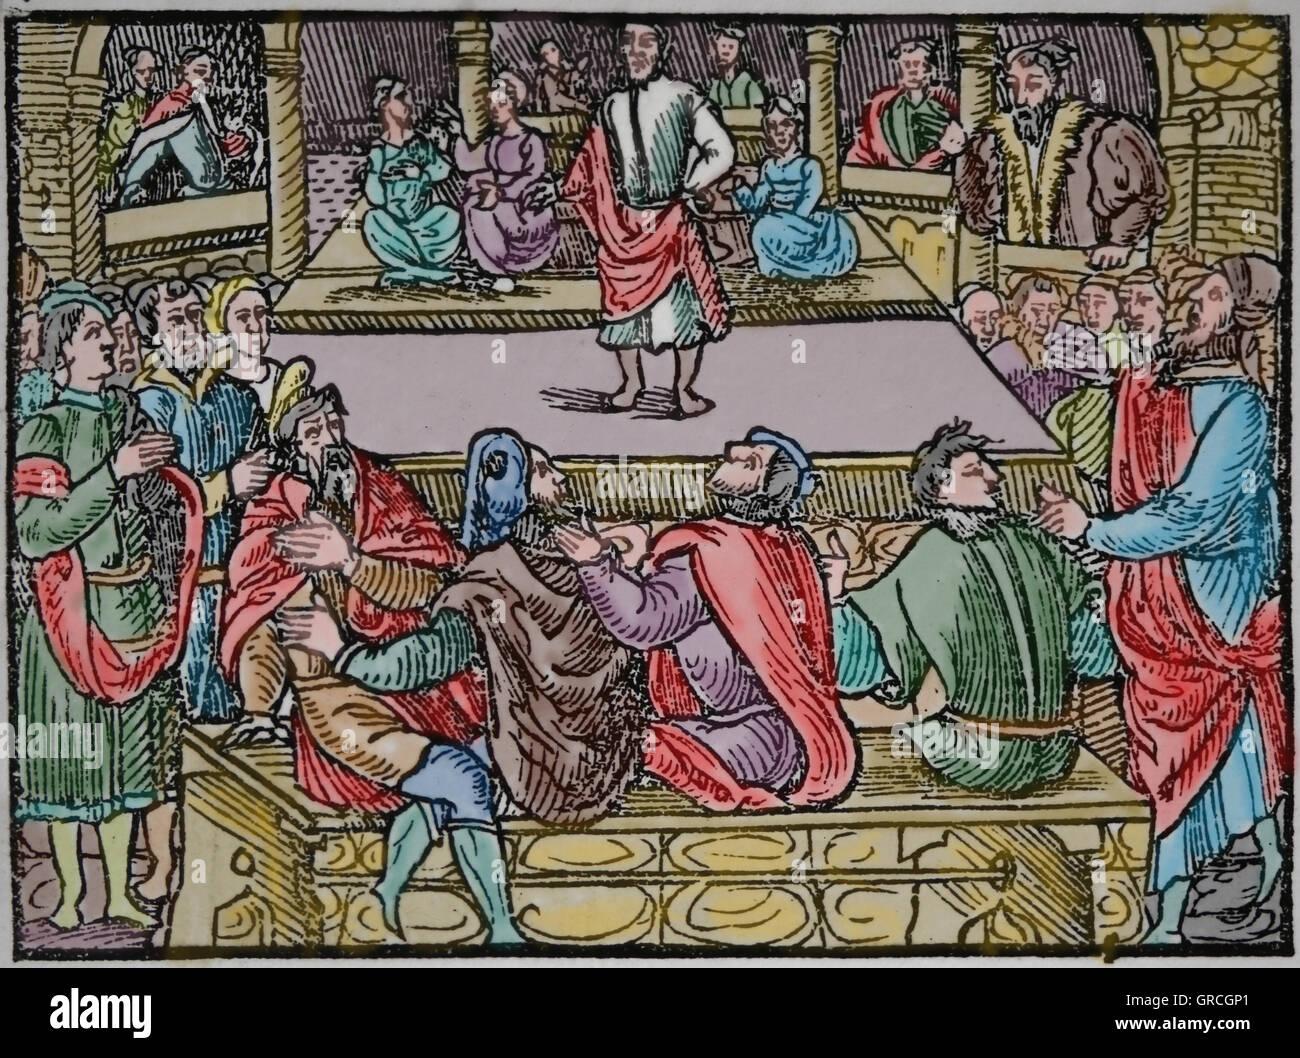 Lateinische Literatur. Theateraufführung in Frankreich (16. Jahrhundert) Antike zu imitieren. Farbige Gravur. Stockbild